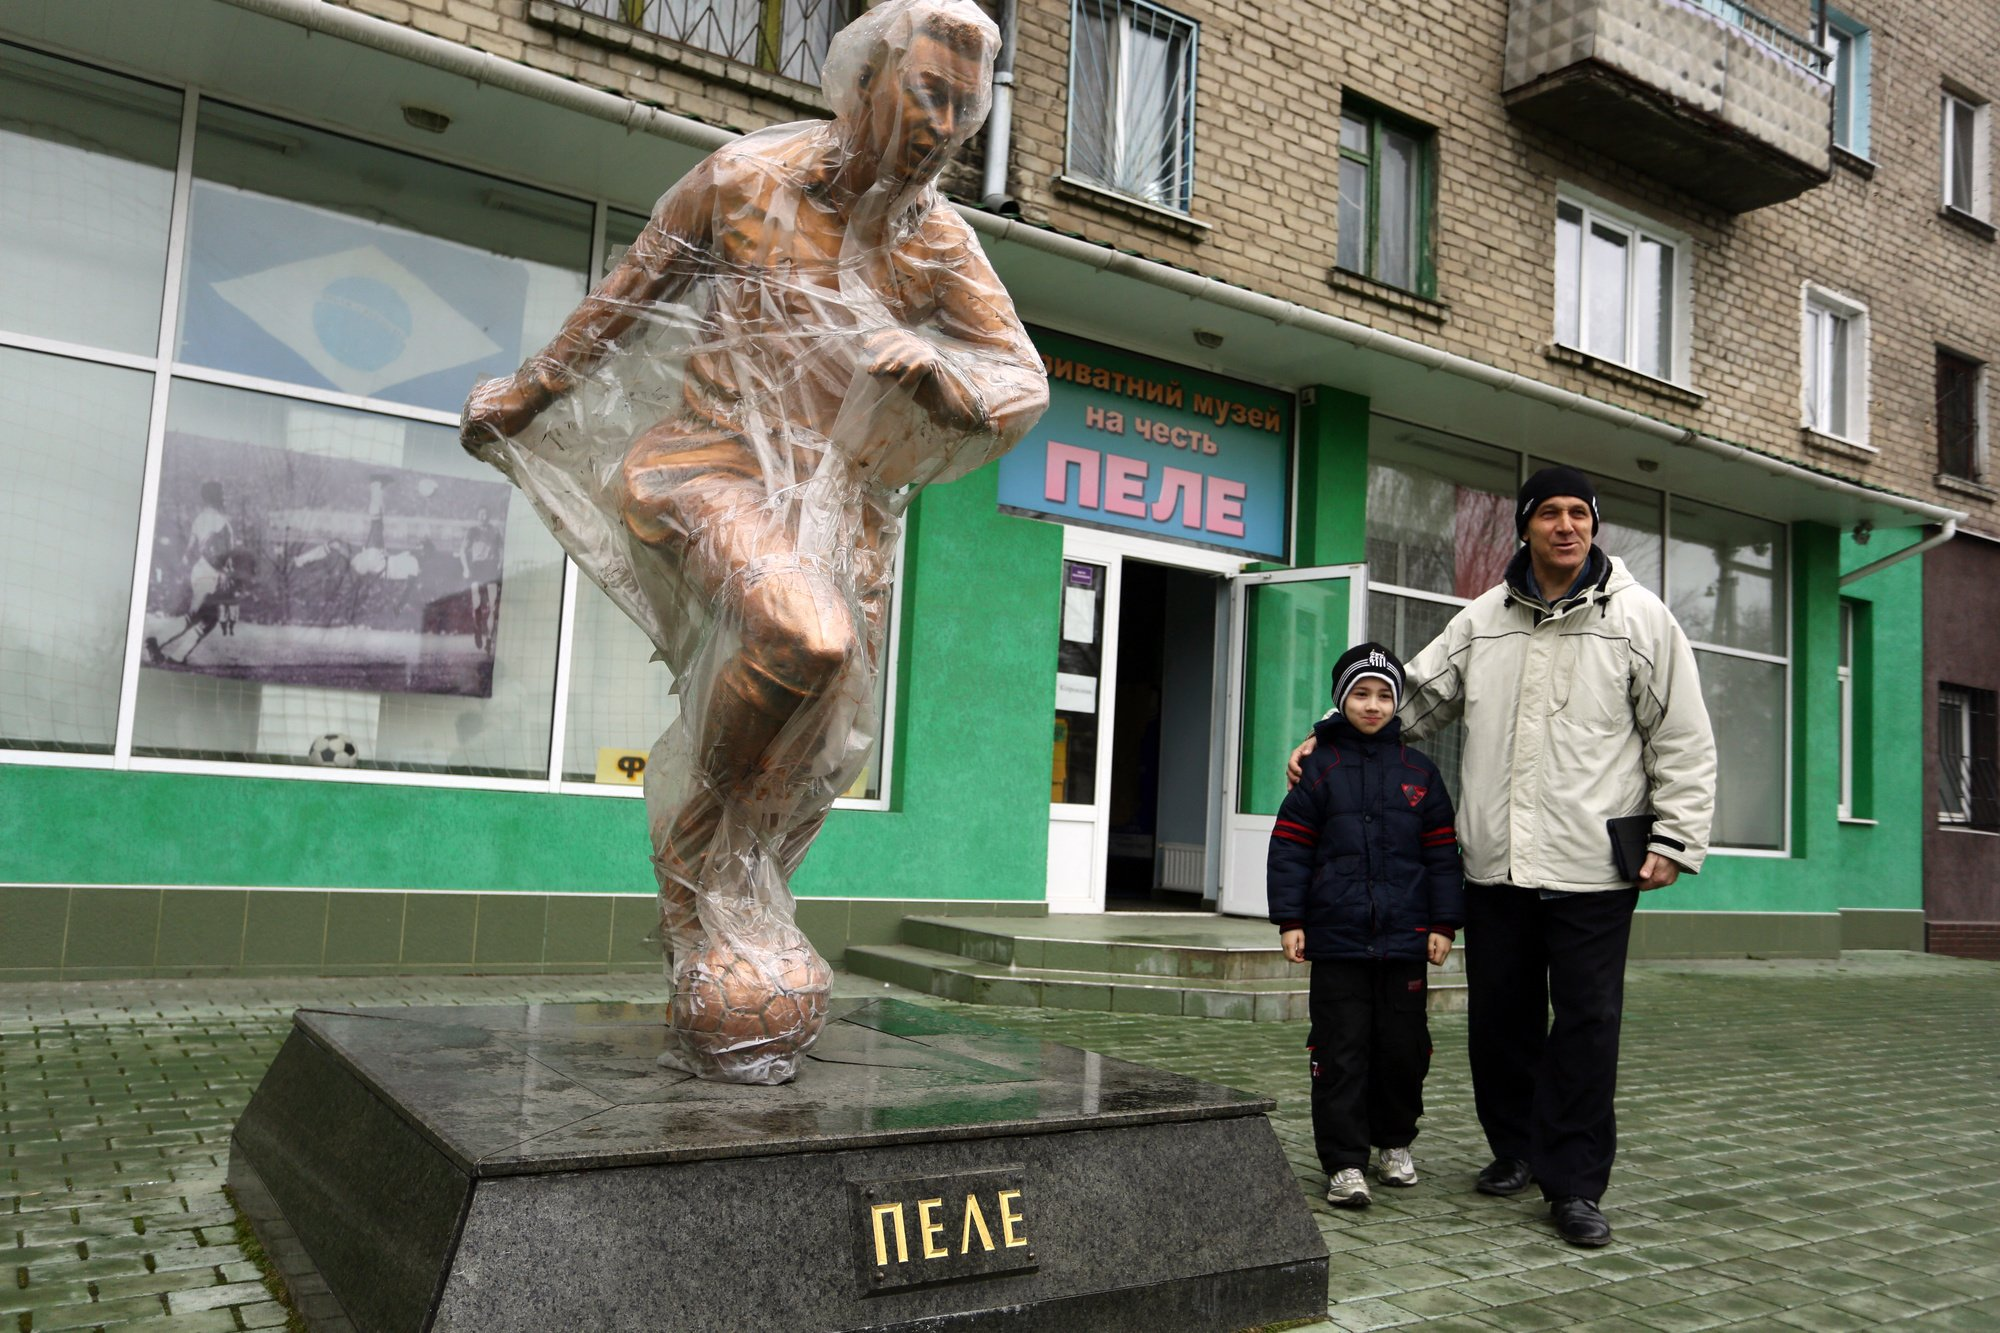 Les complices de Pelé prennent la pose avec l'idole, belga